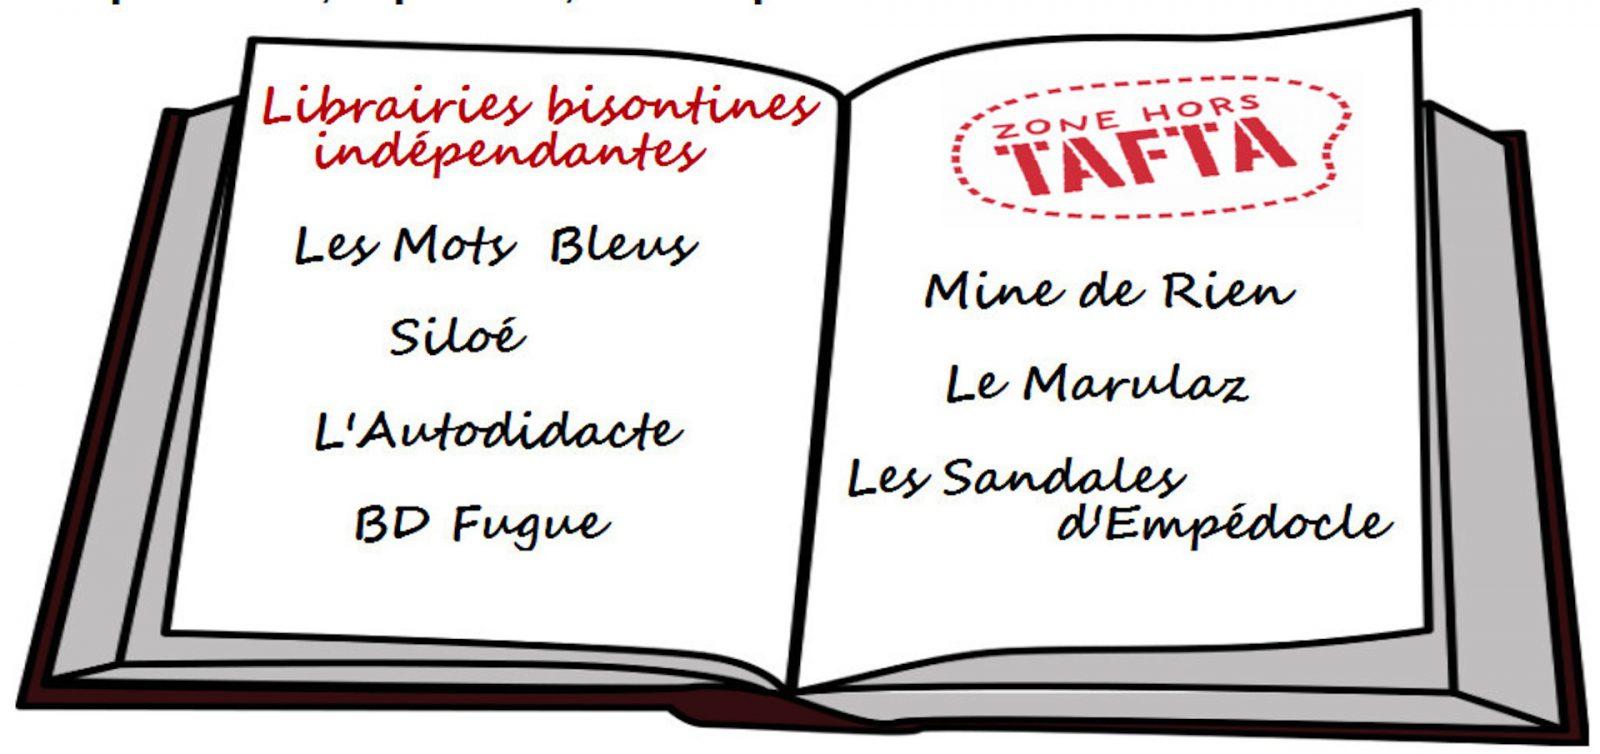 librairies_hors_tafta-1